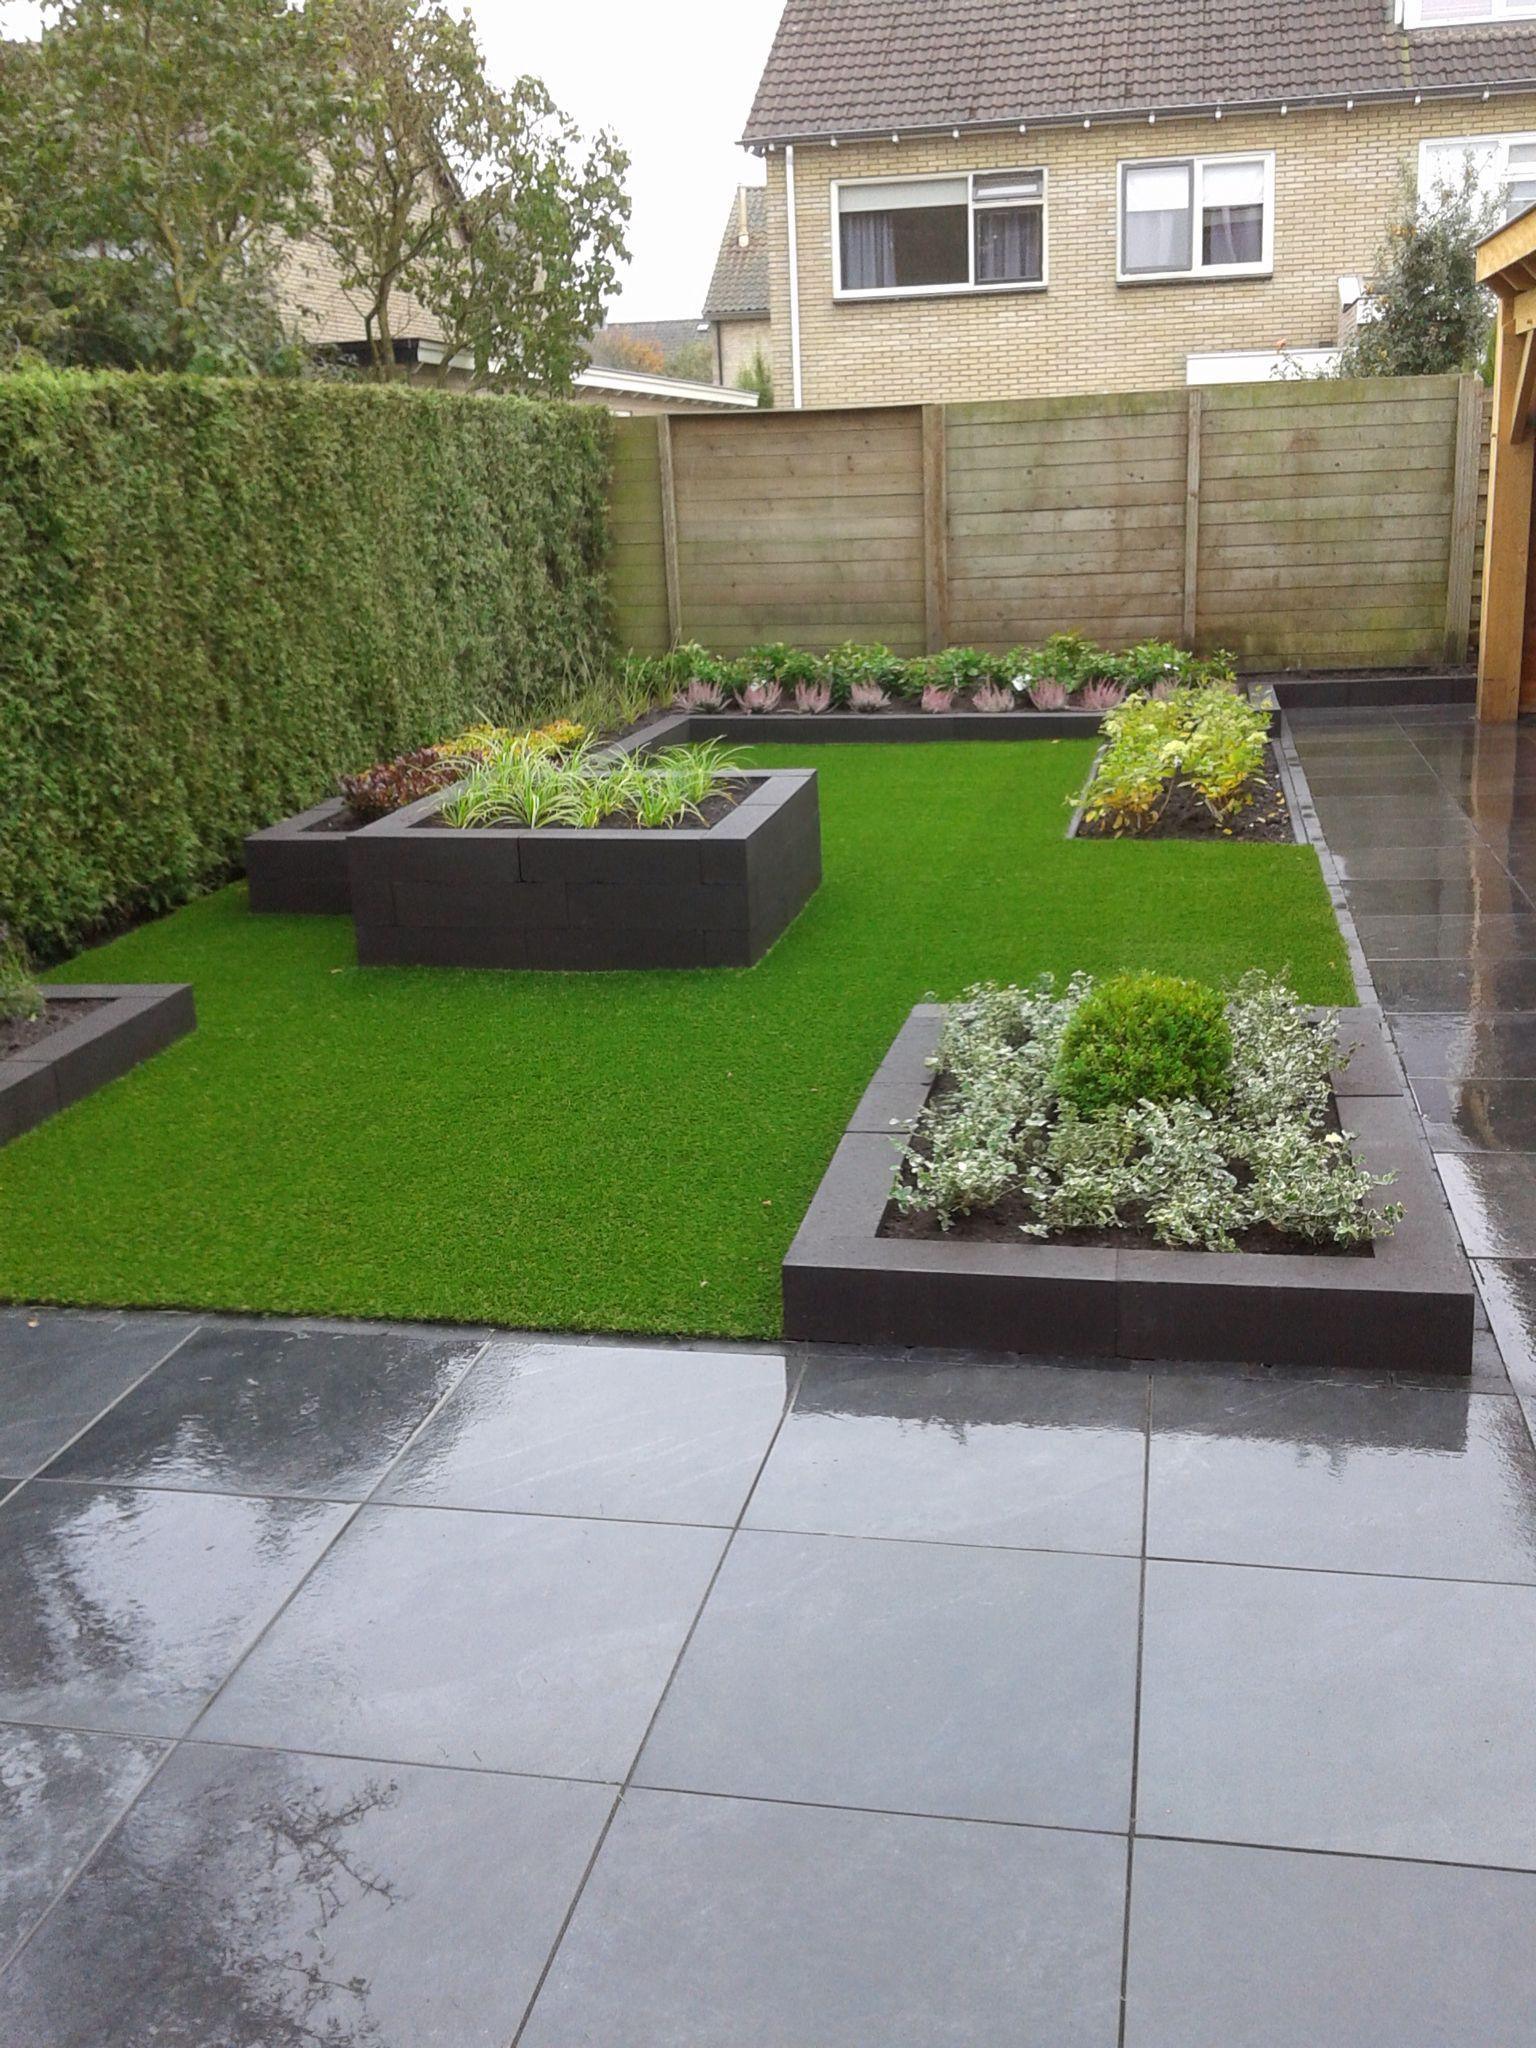 Balham London Tom Howard Gardens: Totaal Nieuwe Tuin Met Zeer Weinig Onderhoud En Een Mooie